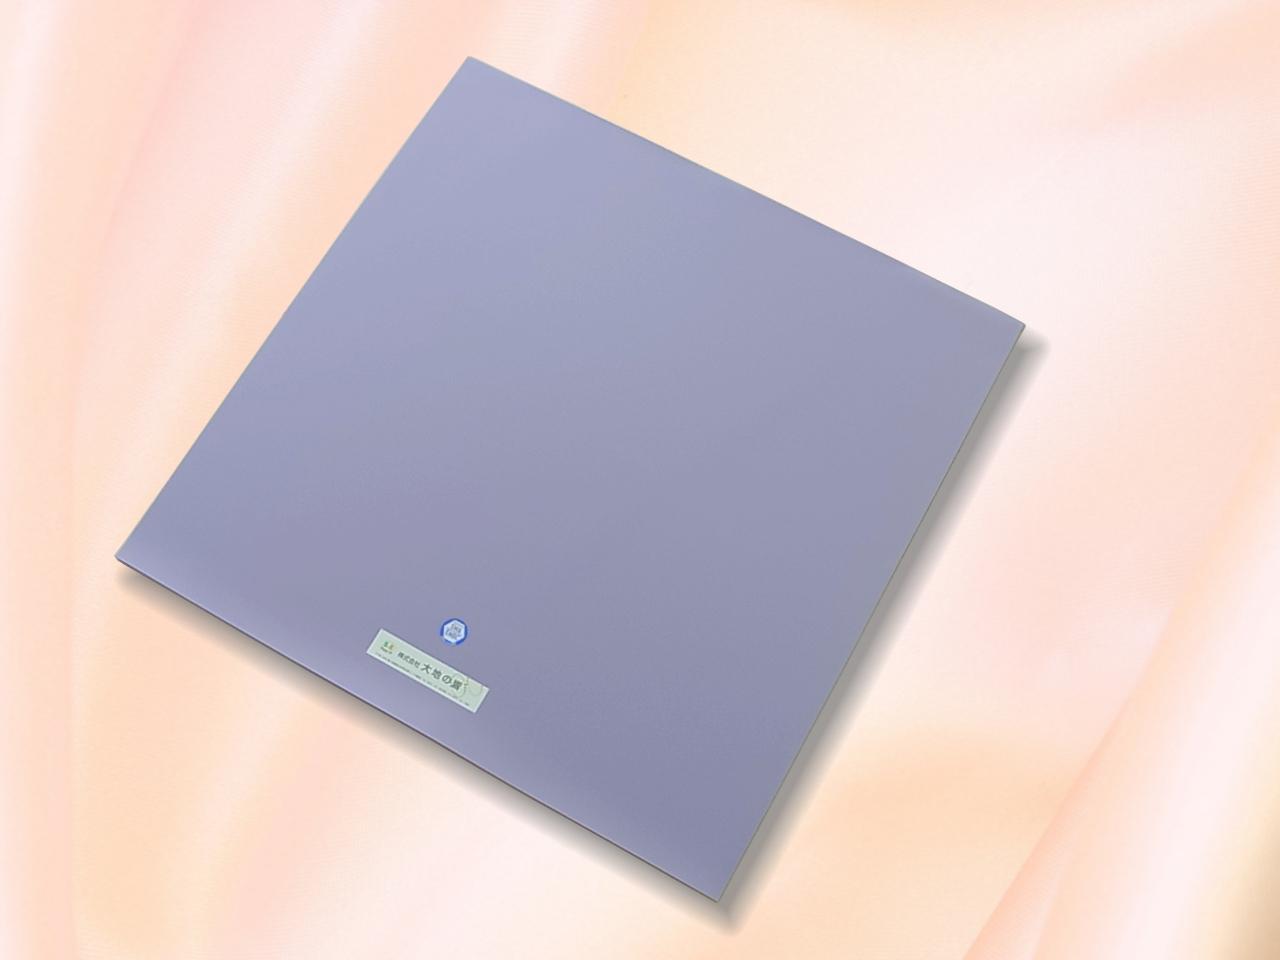 【フレッシュマンフェア特価】SWA1/2正方形シート